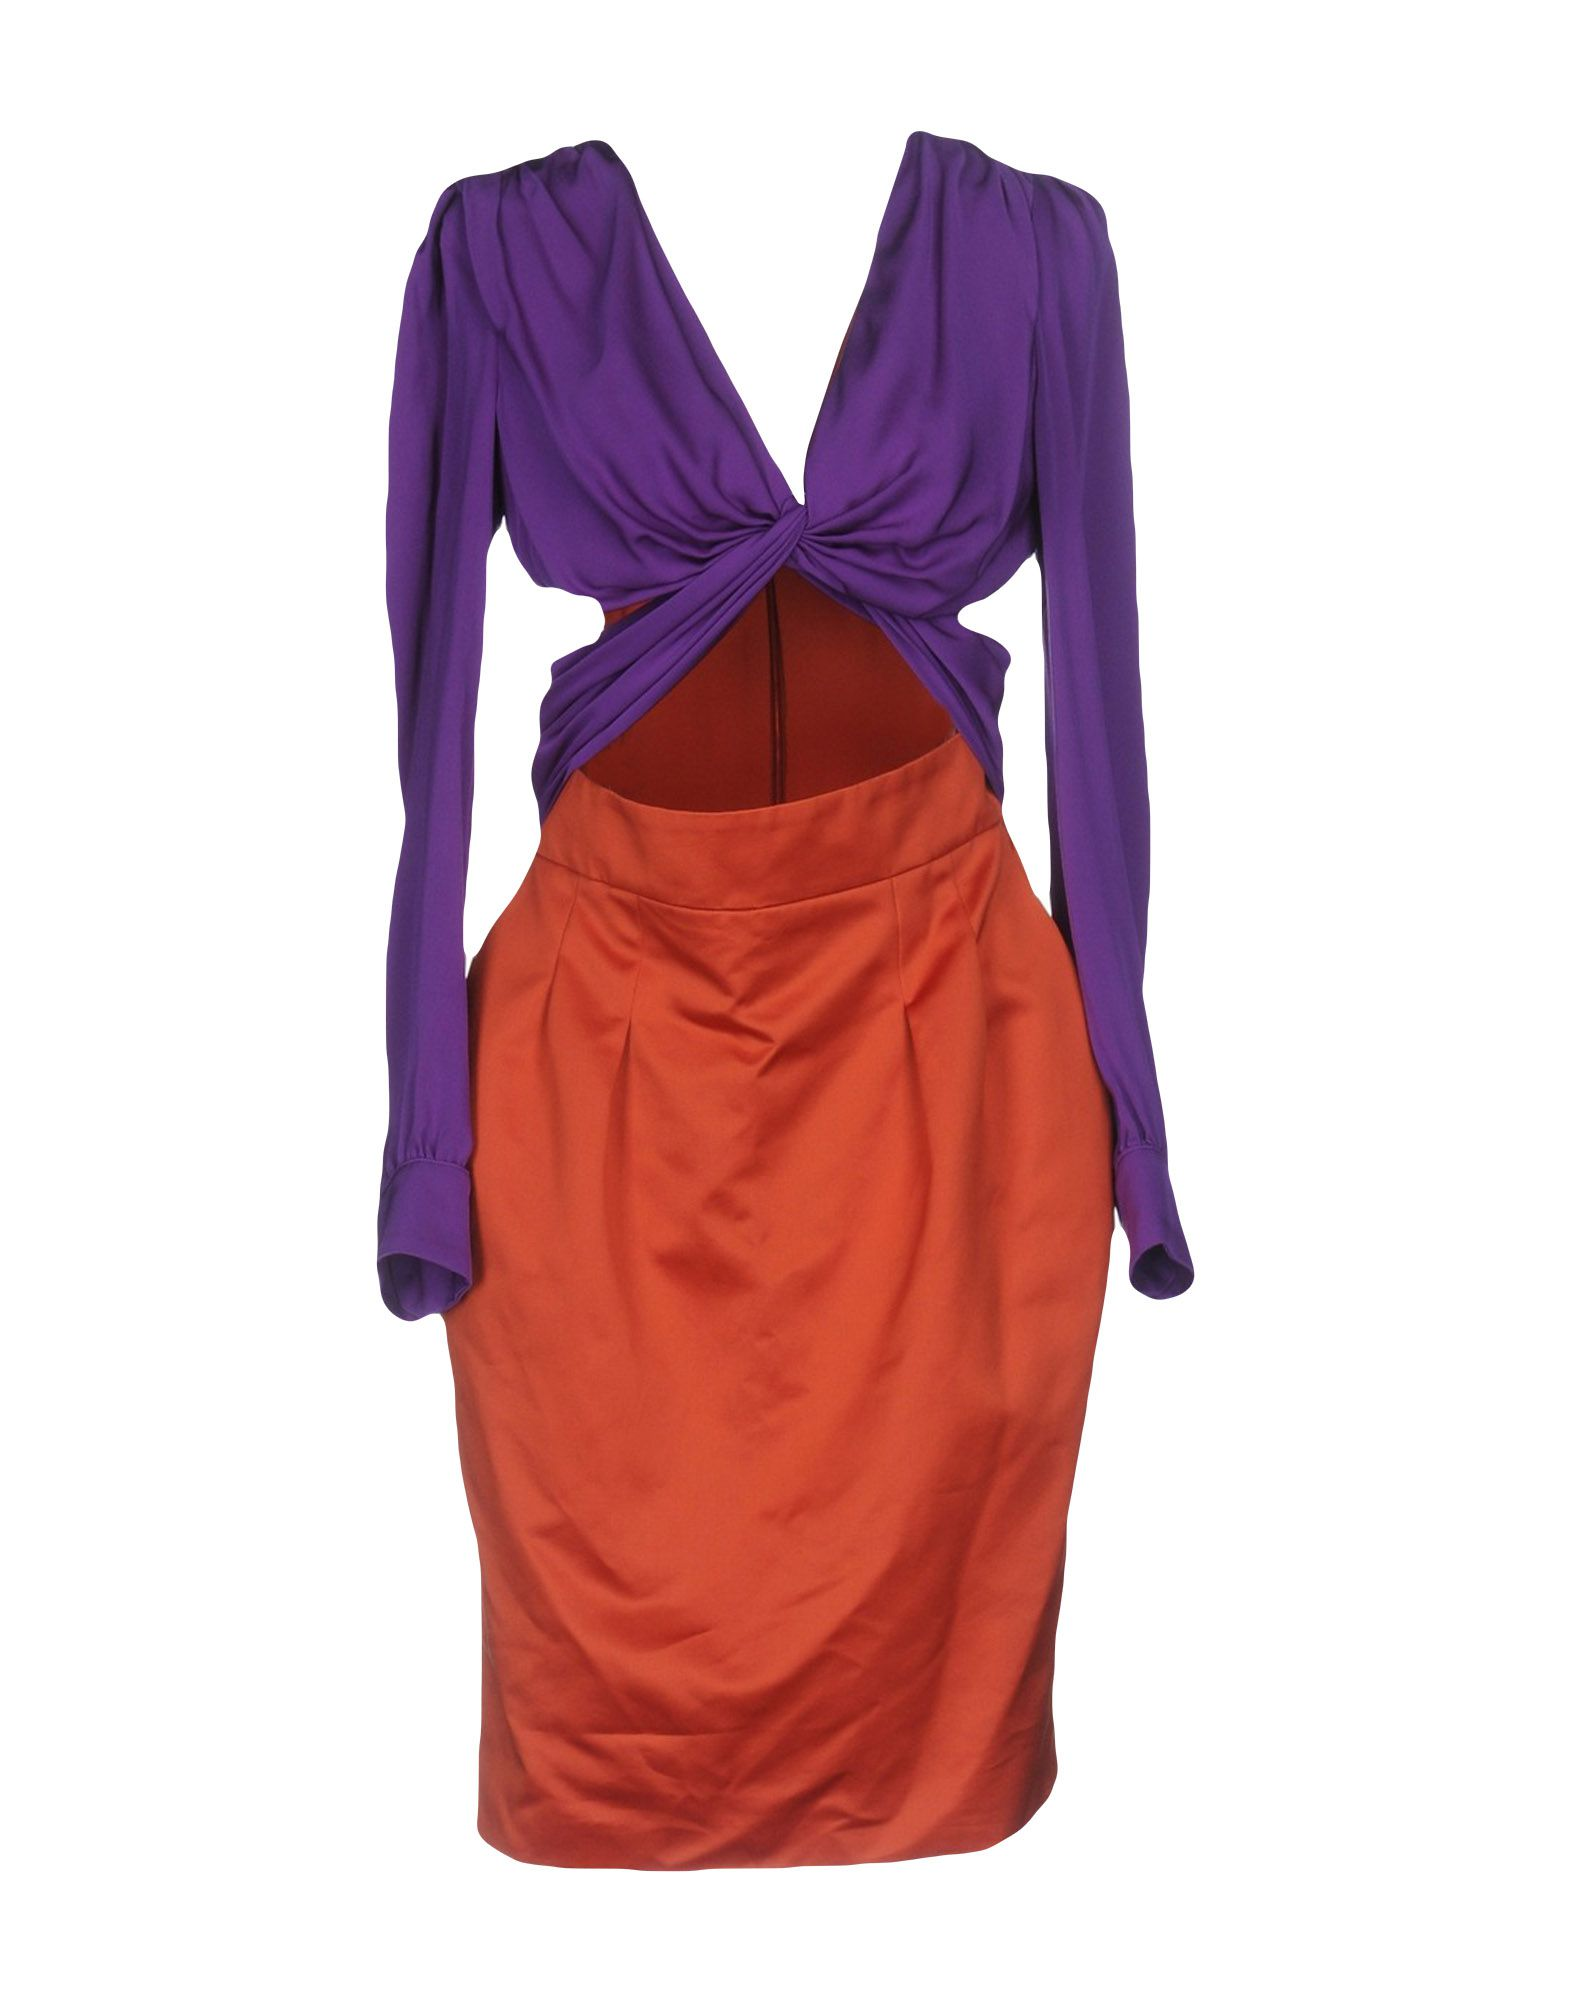 GUCCI Damen Knielanges Kleid Farbe Violett Größe 3